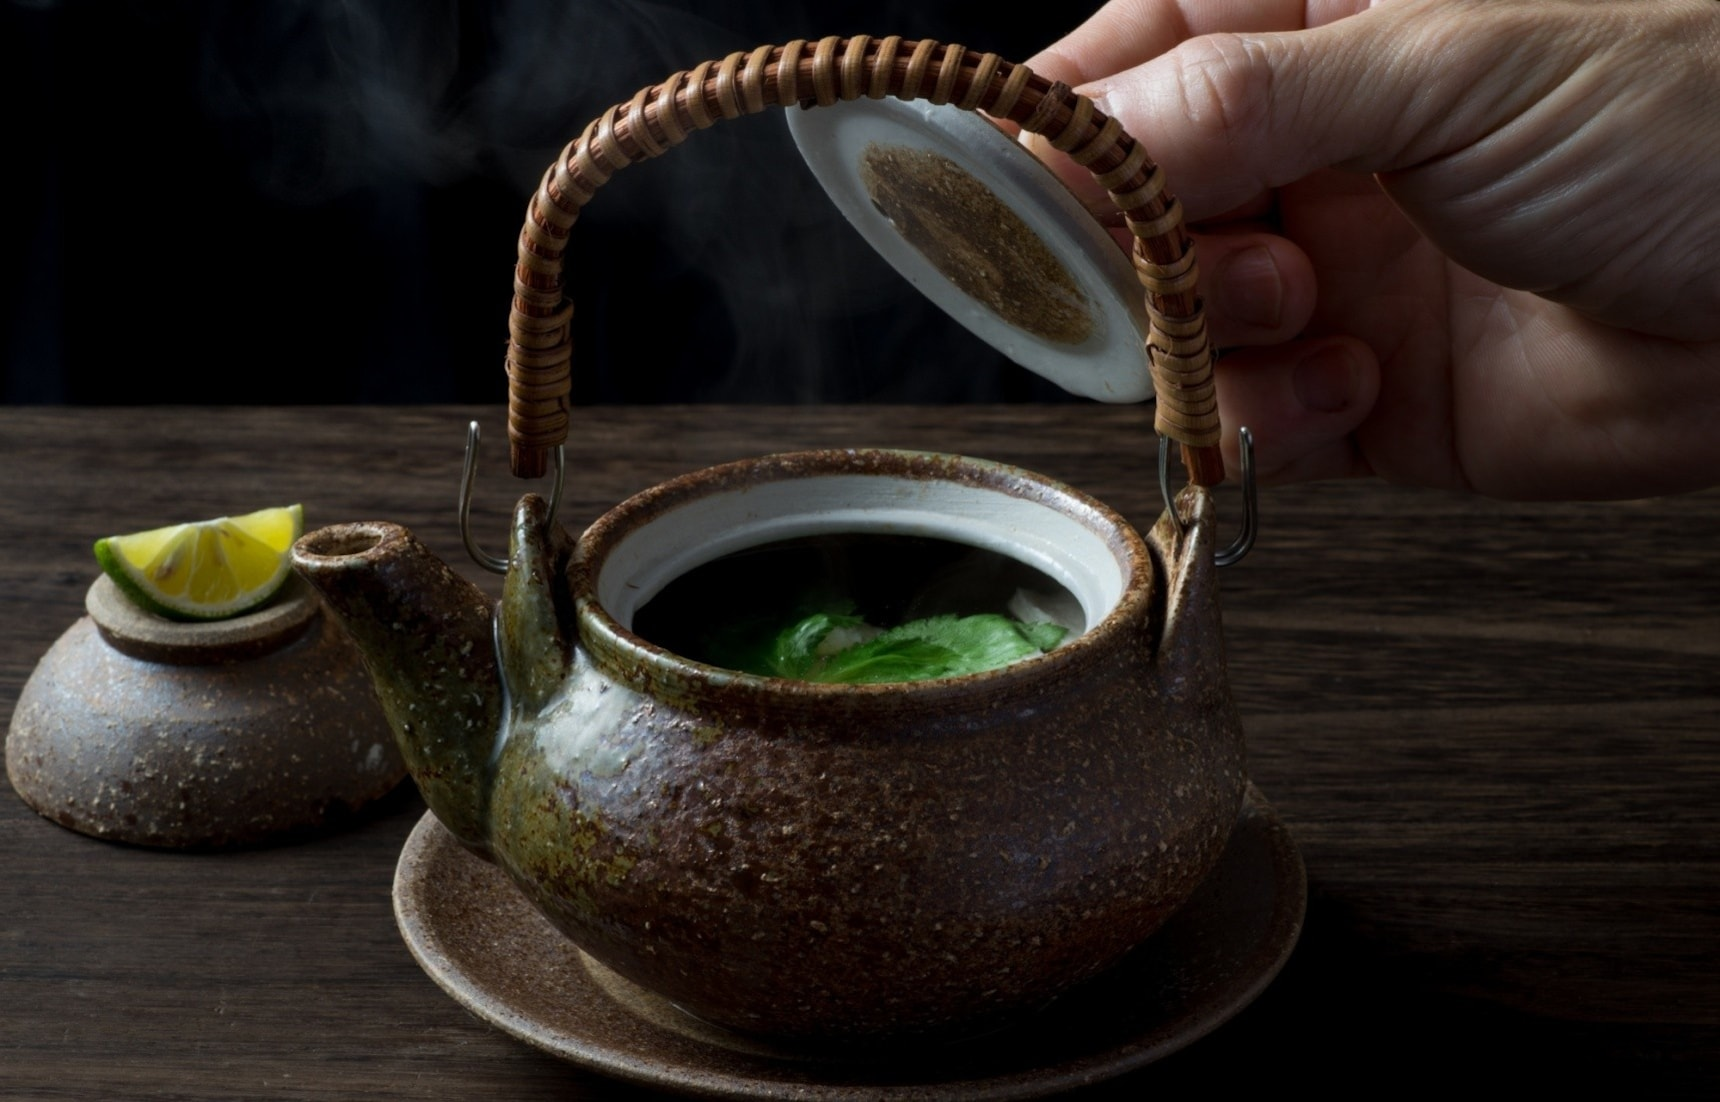 """日本美食:健康滋补的「土瓶蒸」应该怎么吃才正确?学会了可以在日本人面前""""露一手""""!(附菜谱)"""